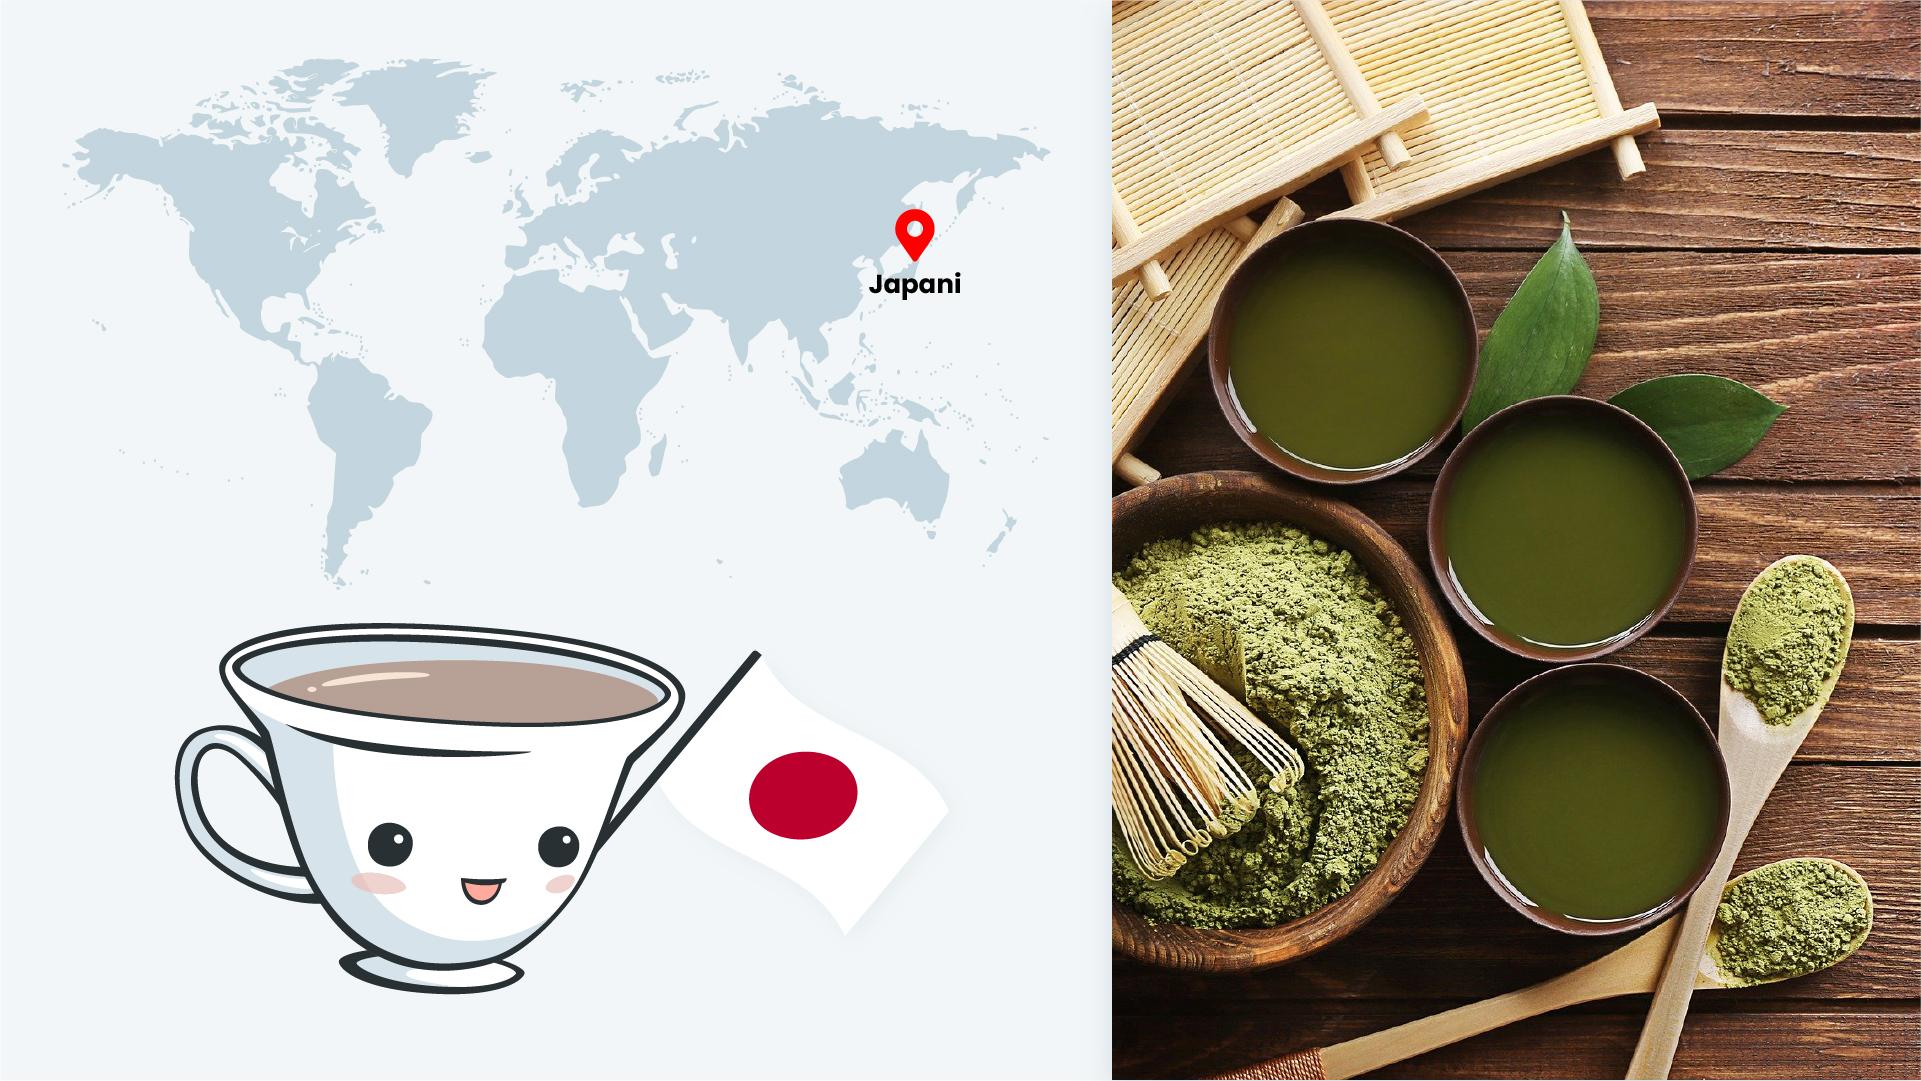 Tietoa Japanista